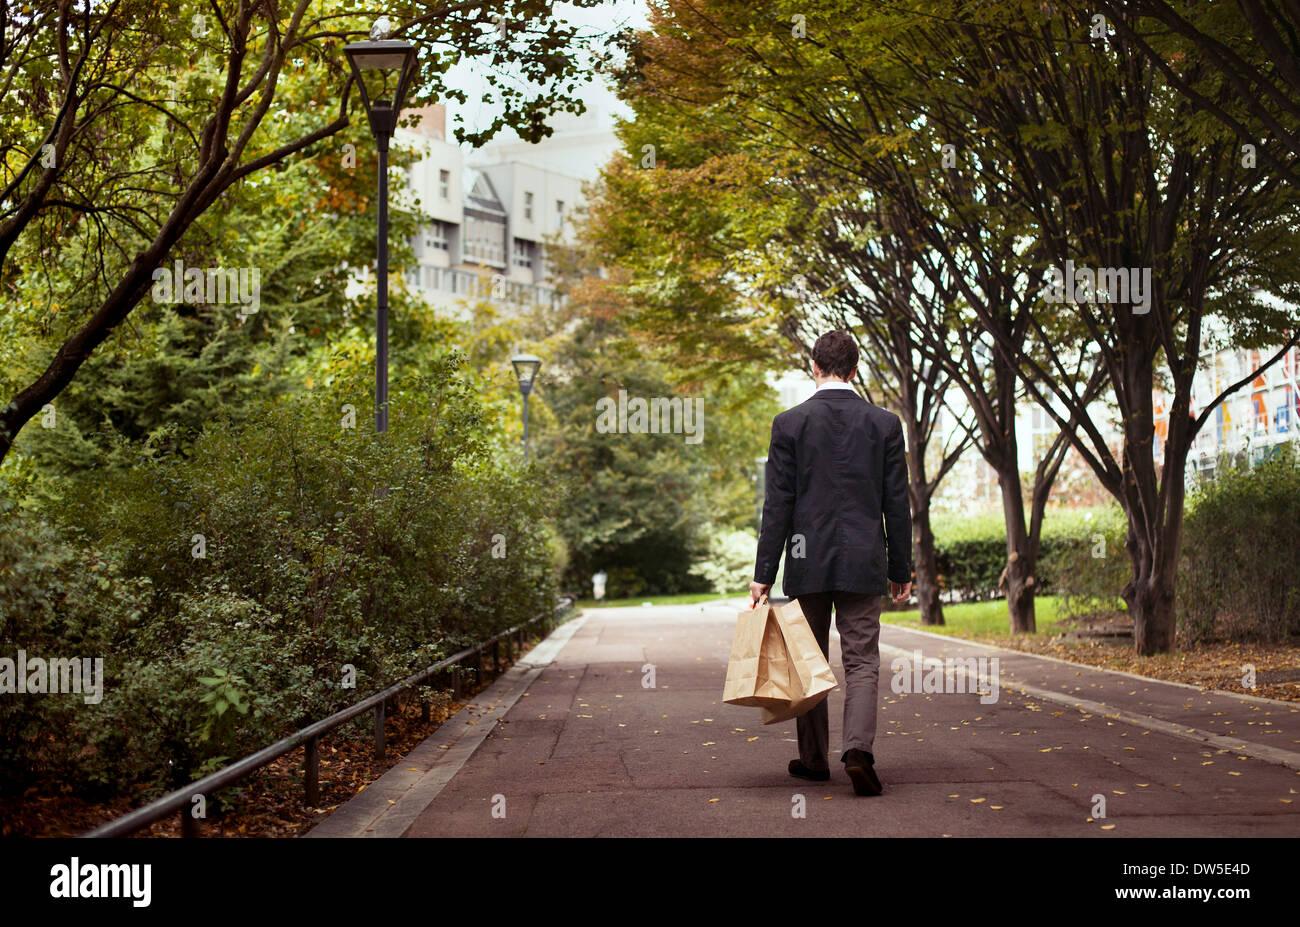 Solitudine, lonely man con borse per lo shopping a piedi dopo il lavoro Immagini Stock